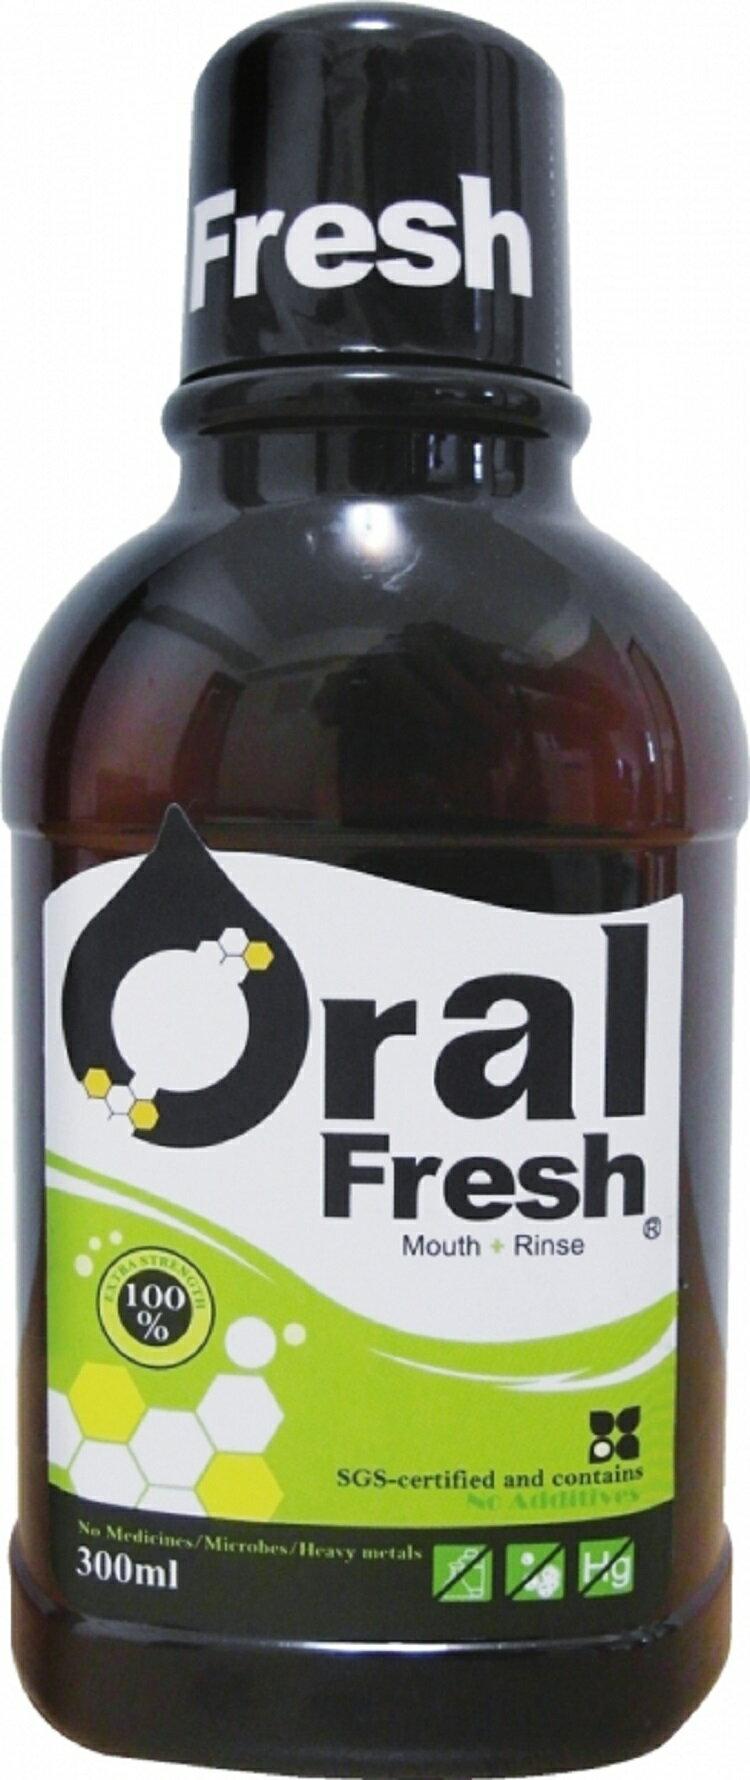 天然保健【Oral Fresh 天然口腔保健液 300ml】【貨號M0032】巴西蜂膠 天然成分 無害口腔 品牌授權